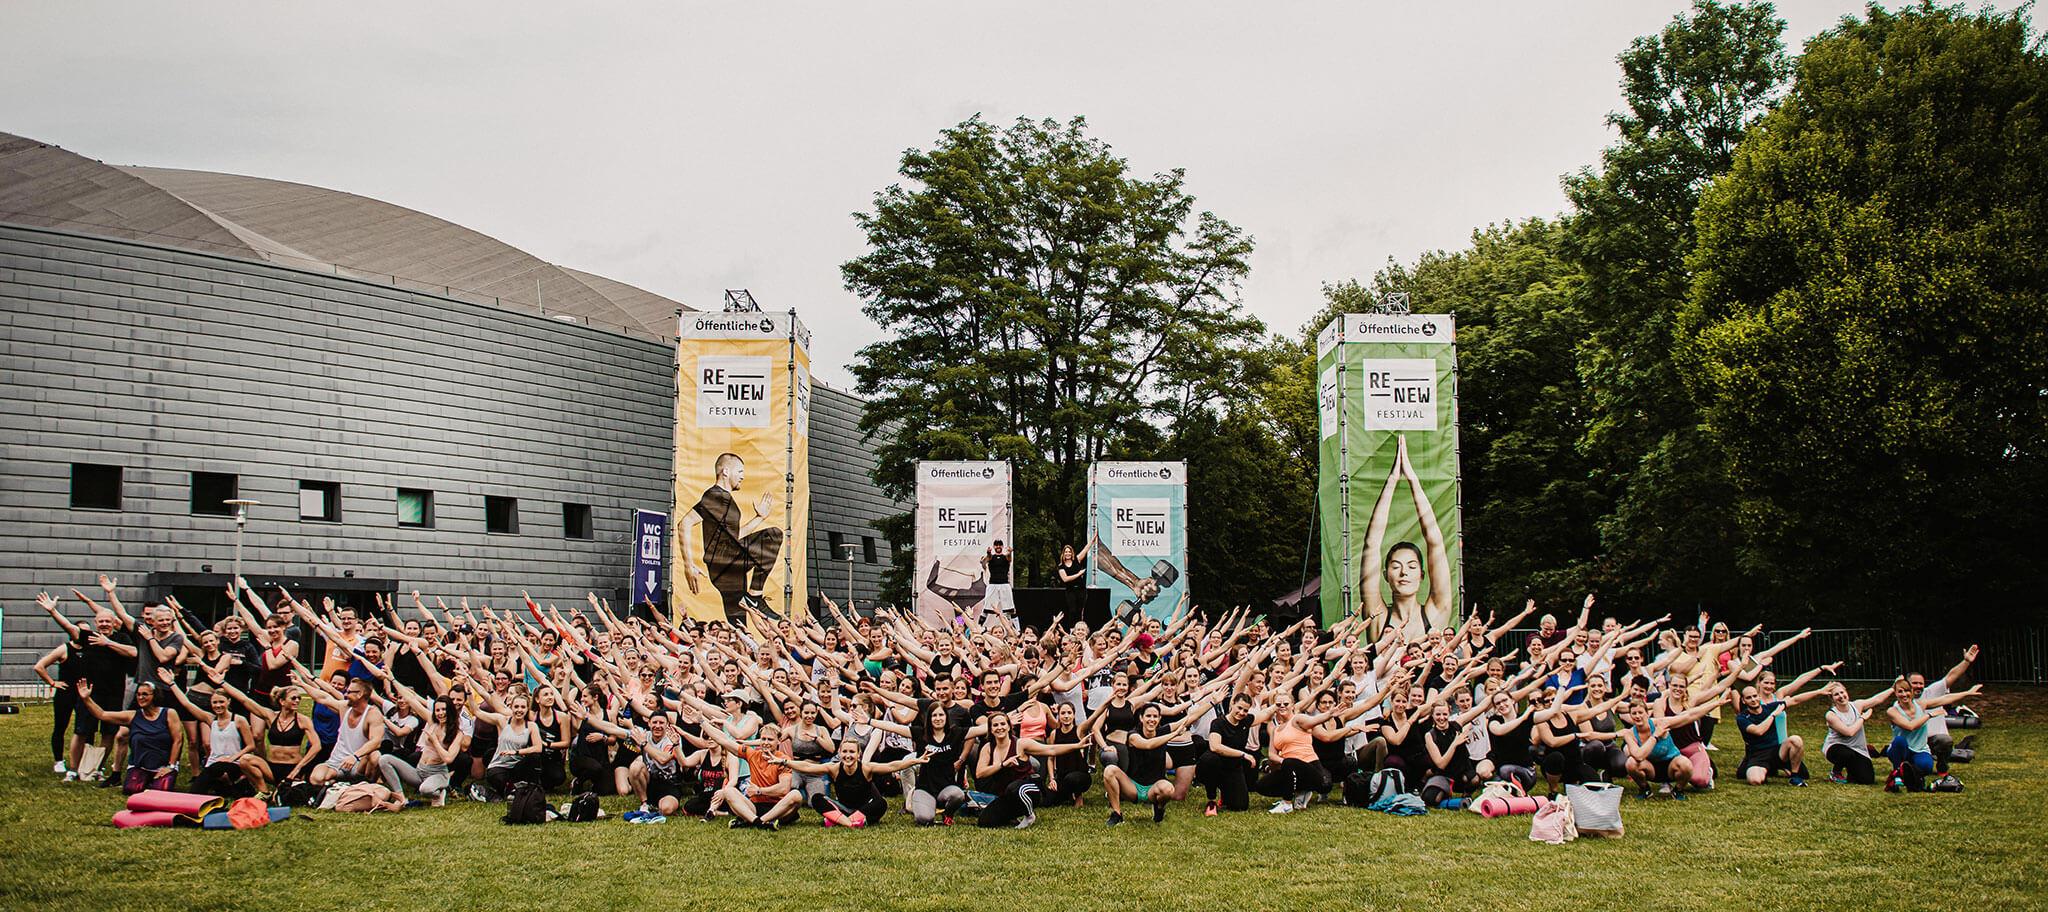 Fitness Festival ReNew Gruppenfoto mit allen Teilnehmern